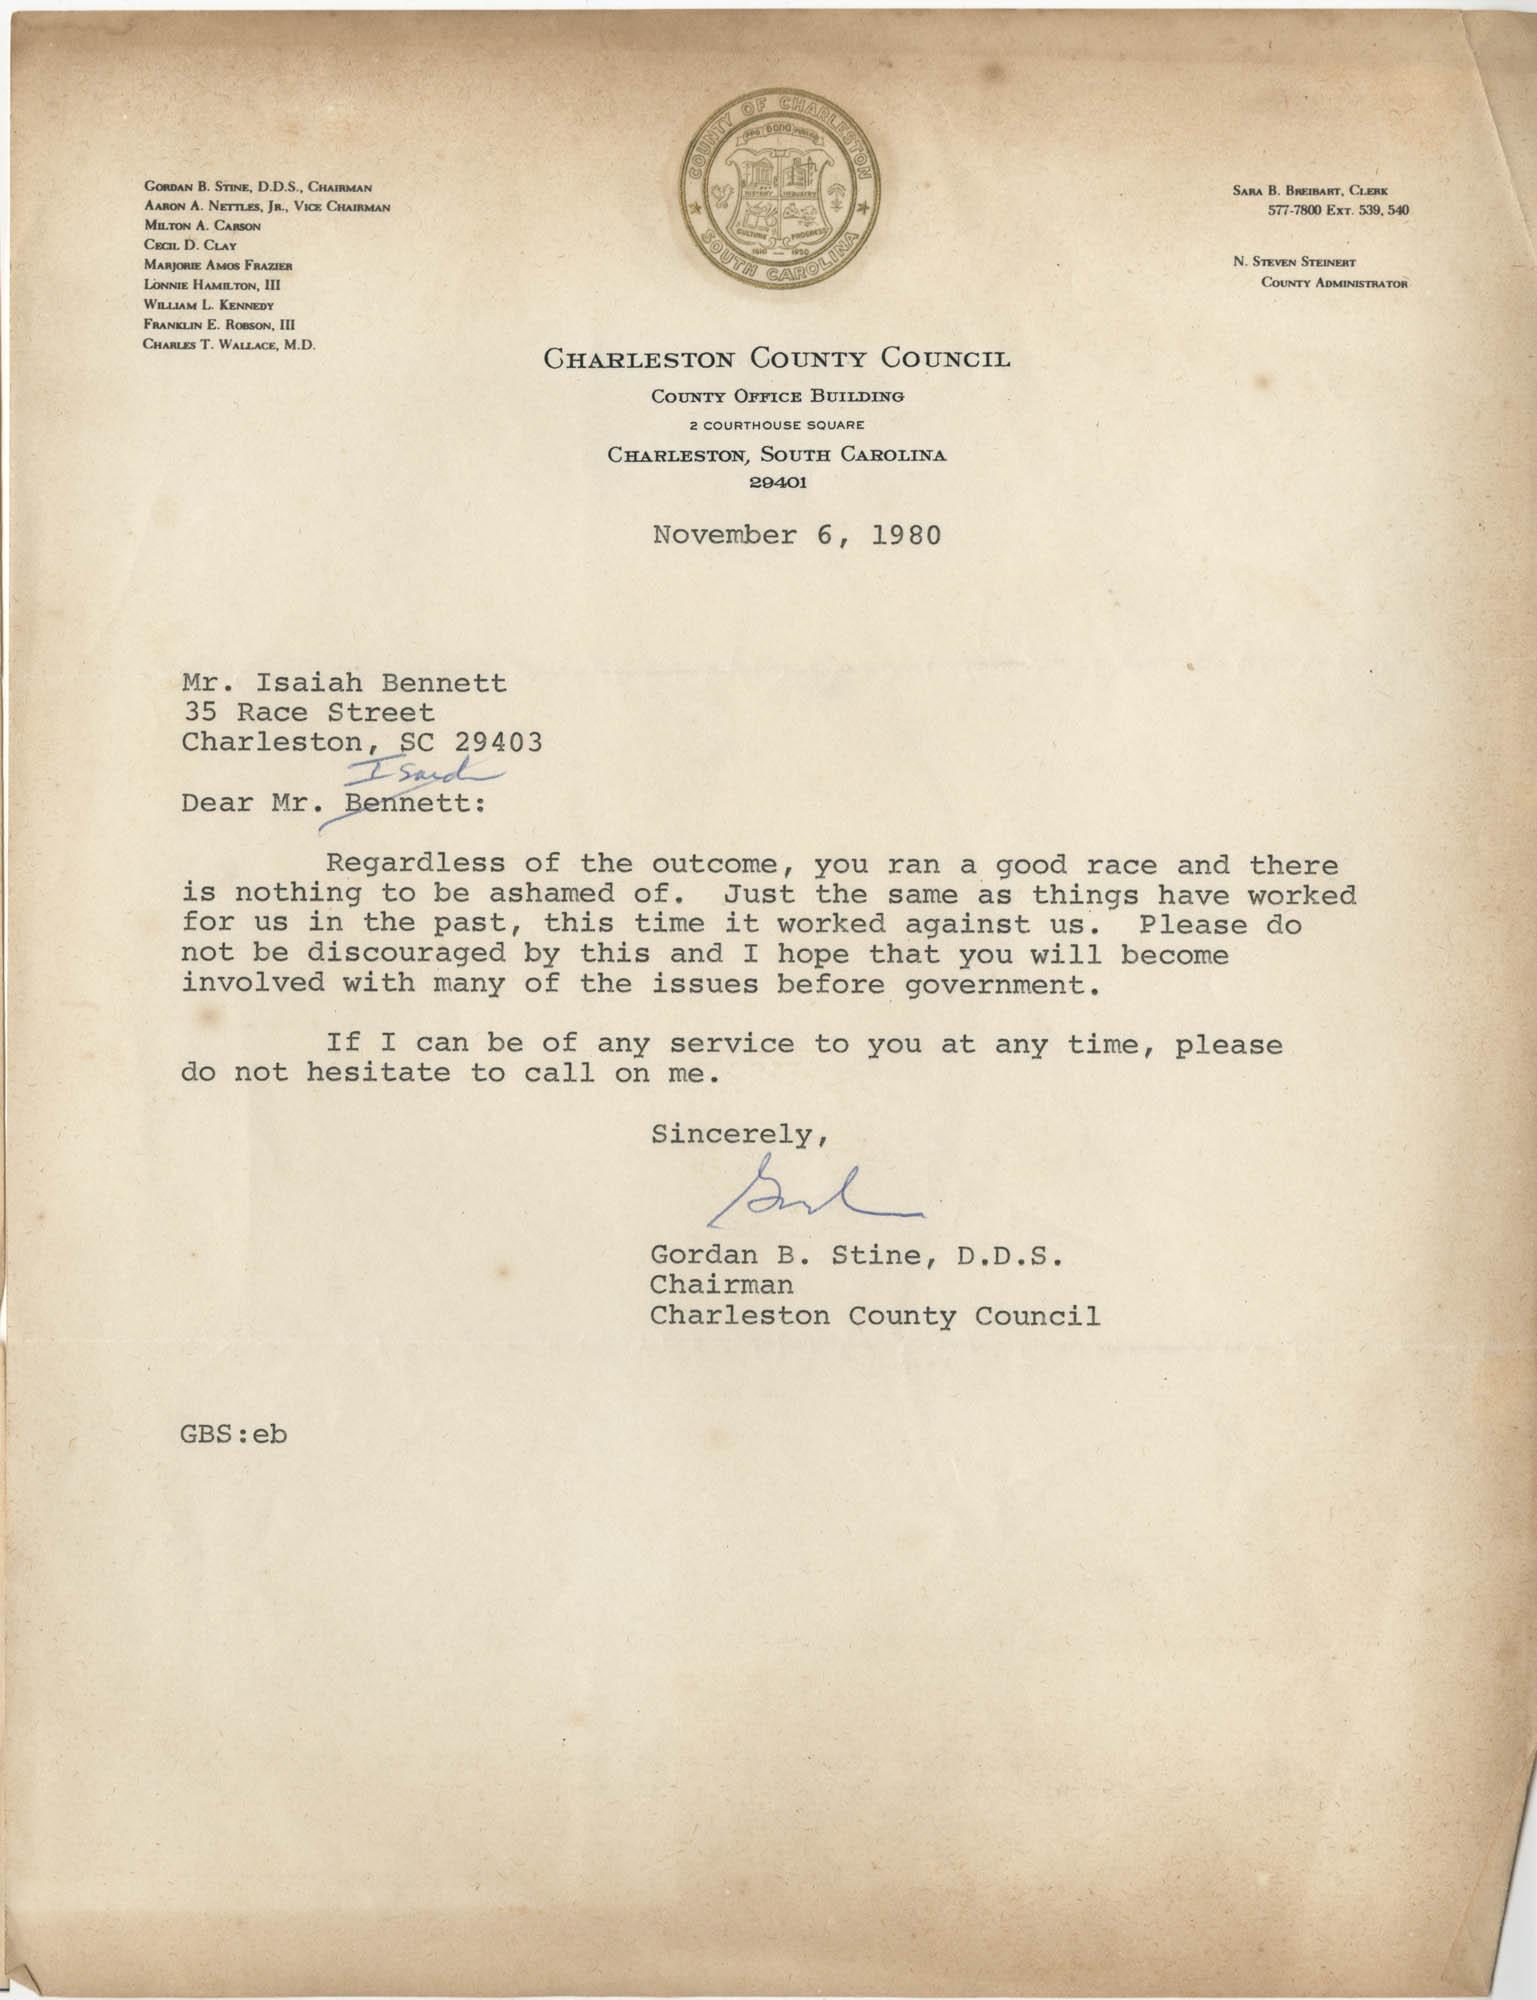 Letter from Gordan B. Stine to Isaiah Bennett, November 6, 1980